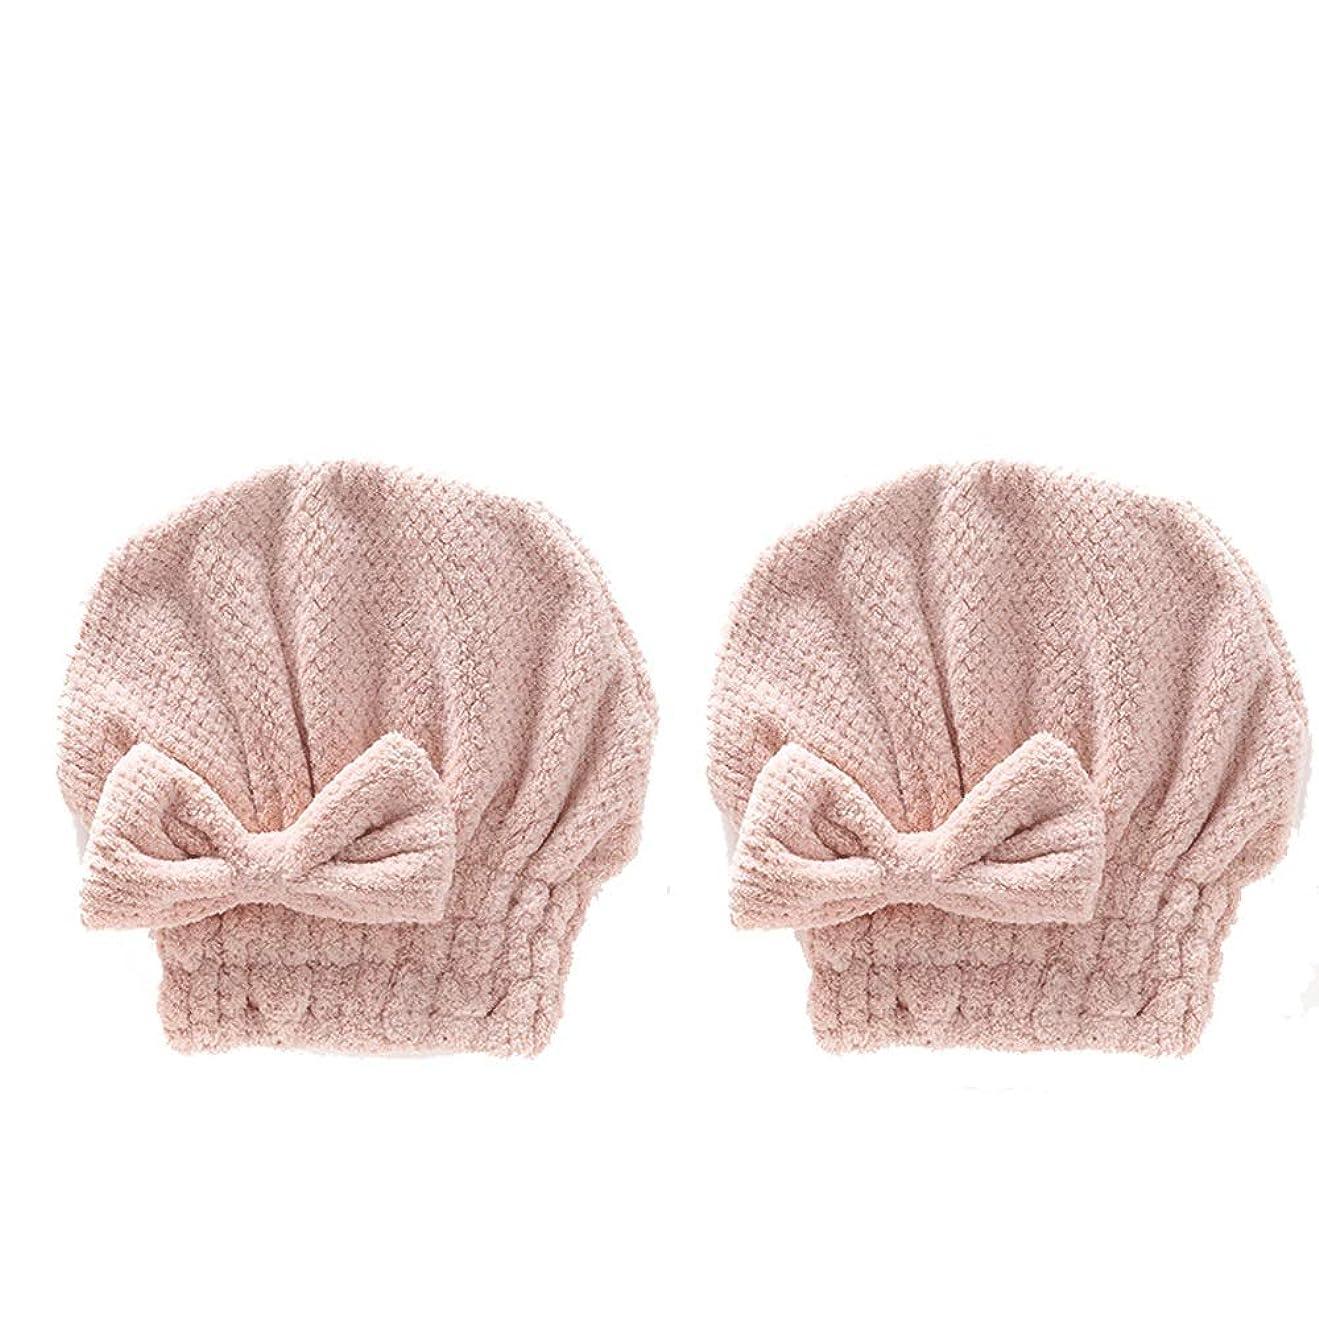 意識的気質魅力家庭用品 シャワーキャップの厚いCorの羊毛の強い吸水性の速い乾燥した大人 (Color : L)